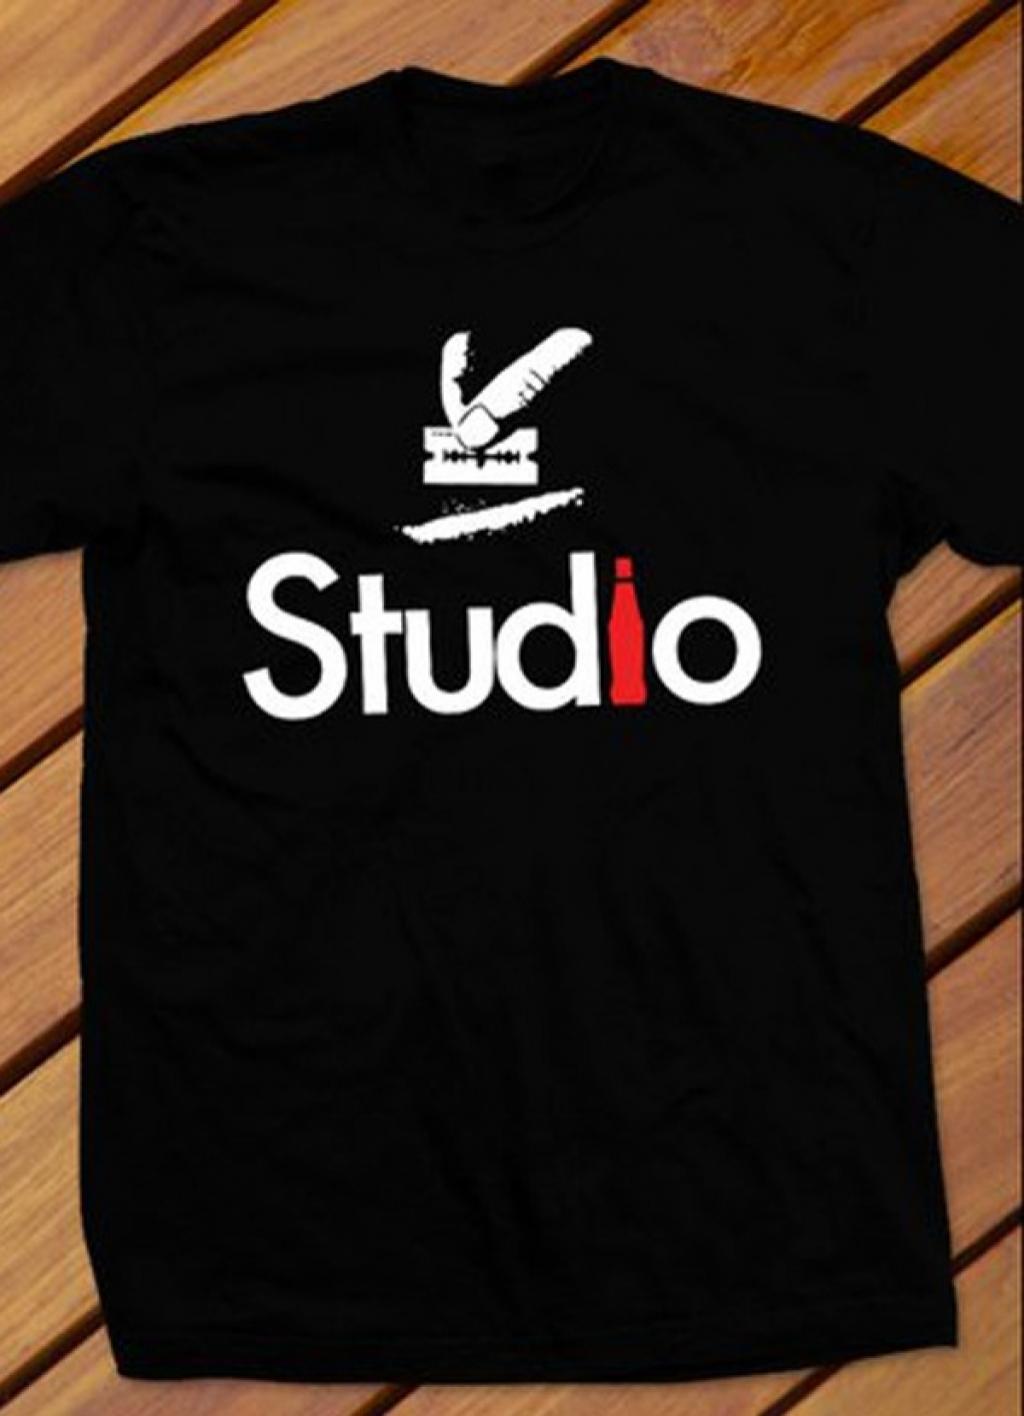 15114324820_large_15106832360_uth-oye-coke-studio-shirt.jpeg